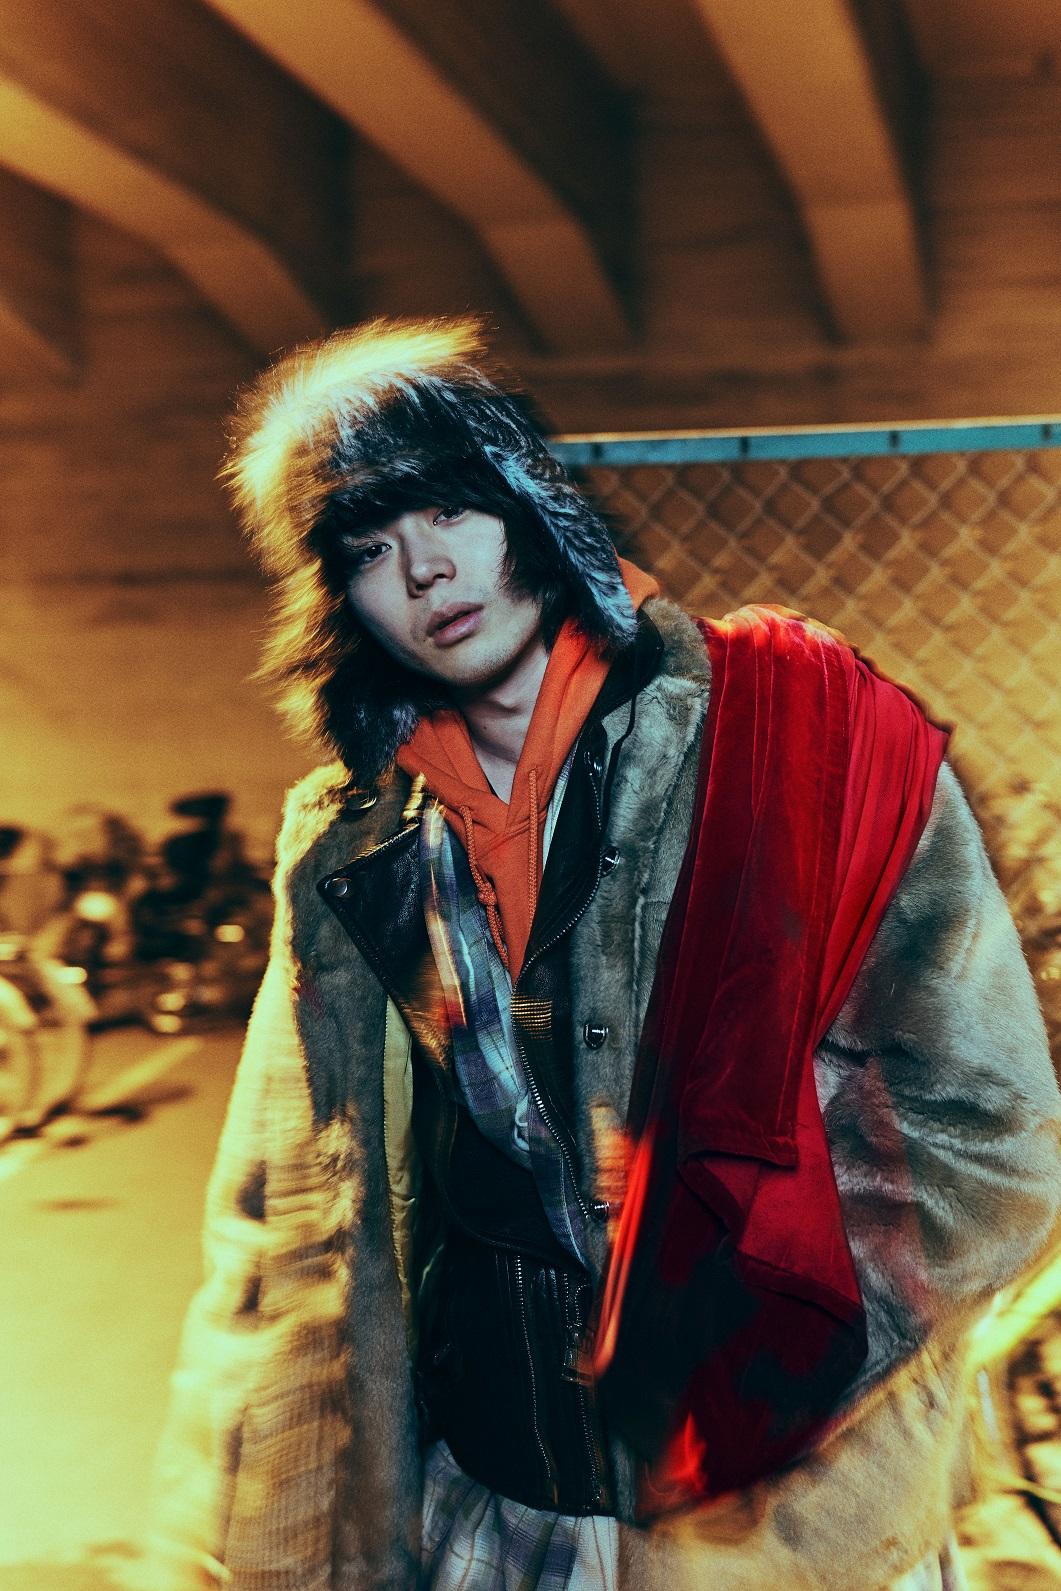 菅田将暉、行きつけの店の店主に気づかれず「すごくない?」サムネイル画像